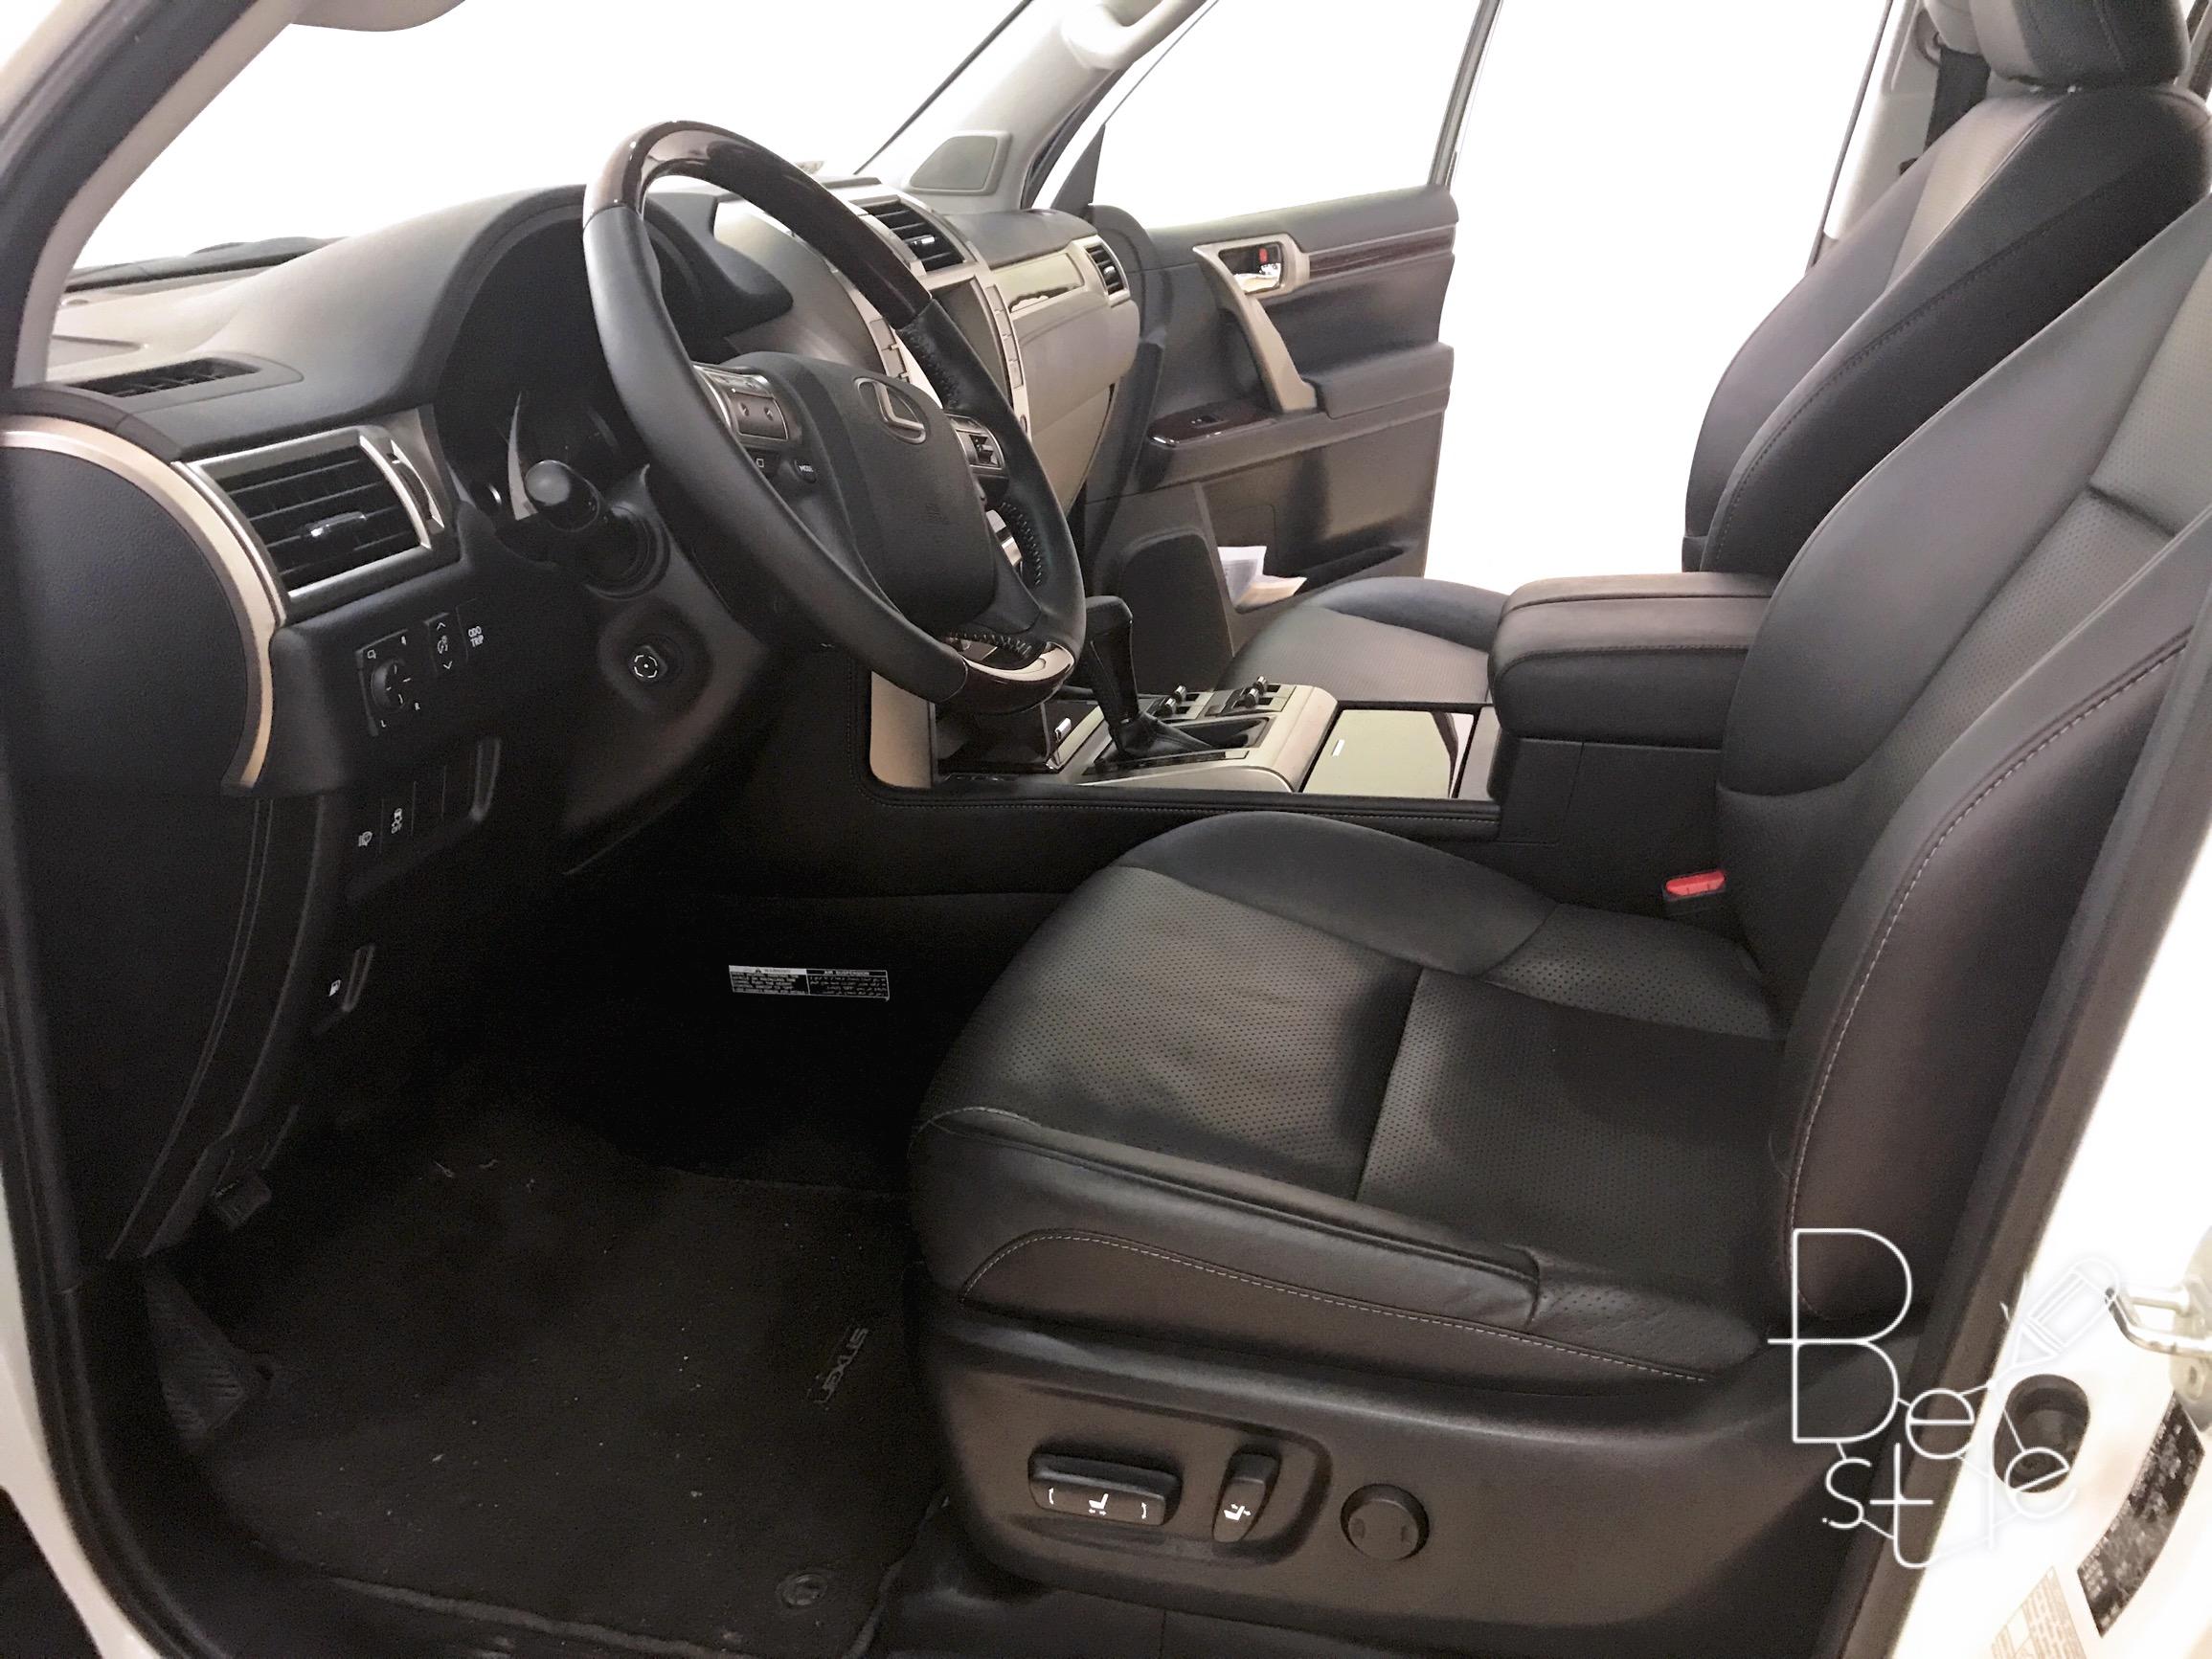 Bán Lexus GX460 màu trắng, sản xuất và đăng ký 2017. 6